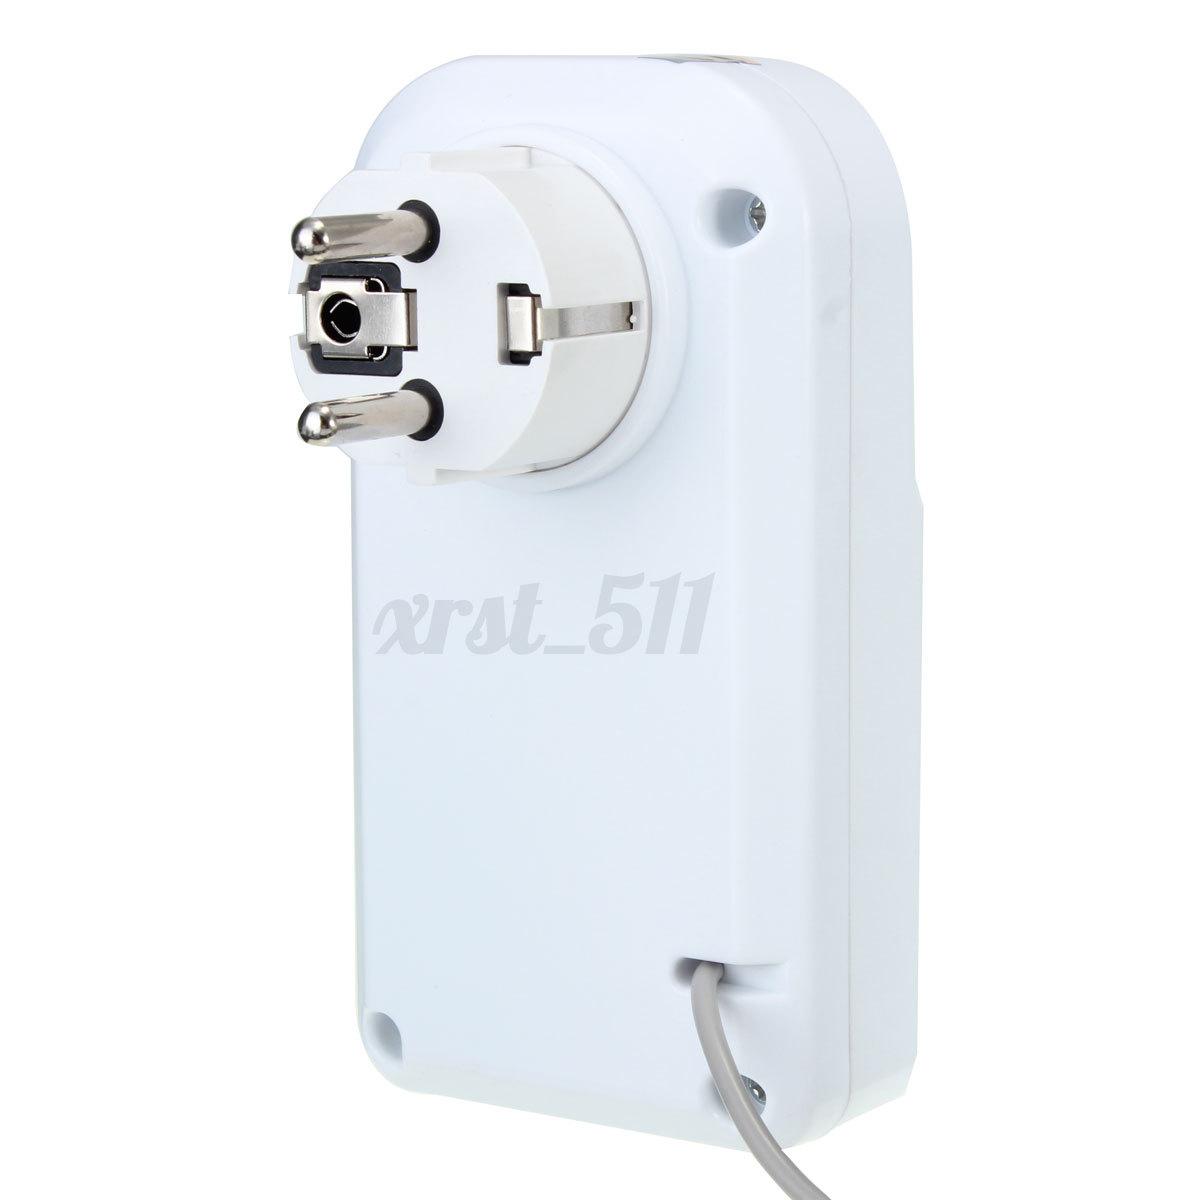 LCD Thermostat Temperature Controller Aquarium Refrigerator Incubator #476684